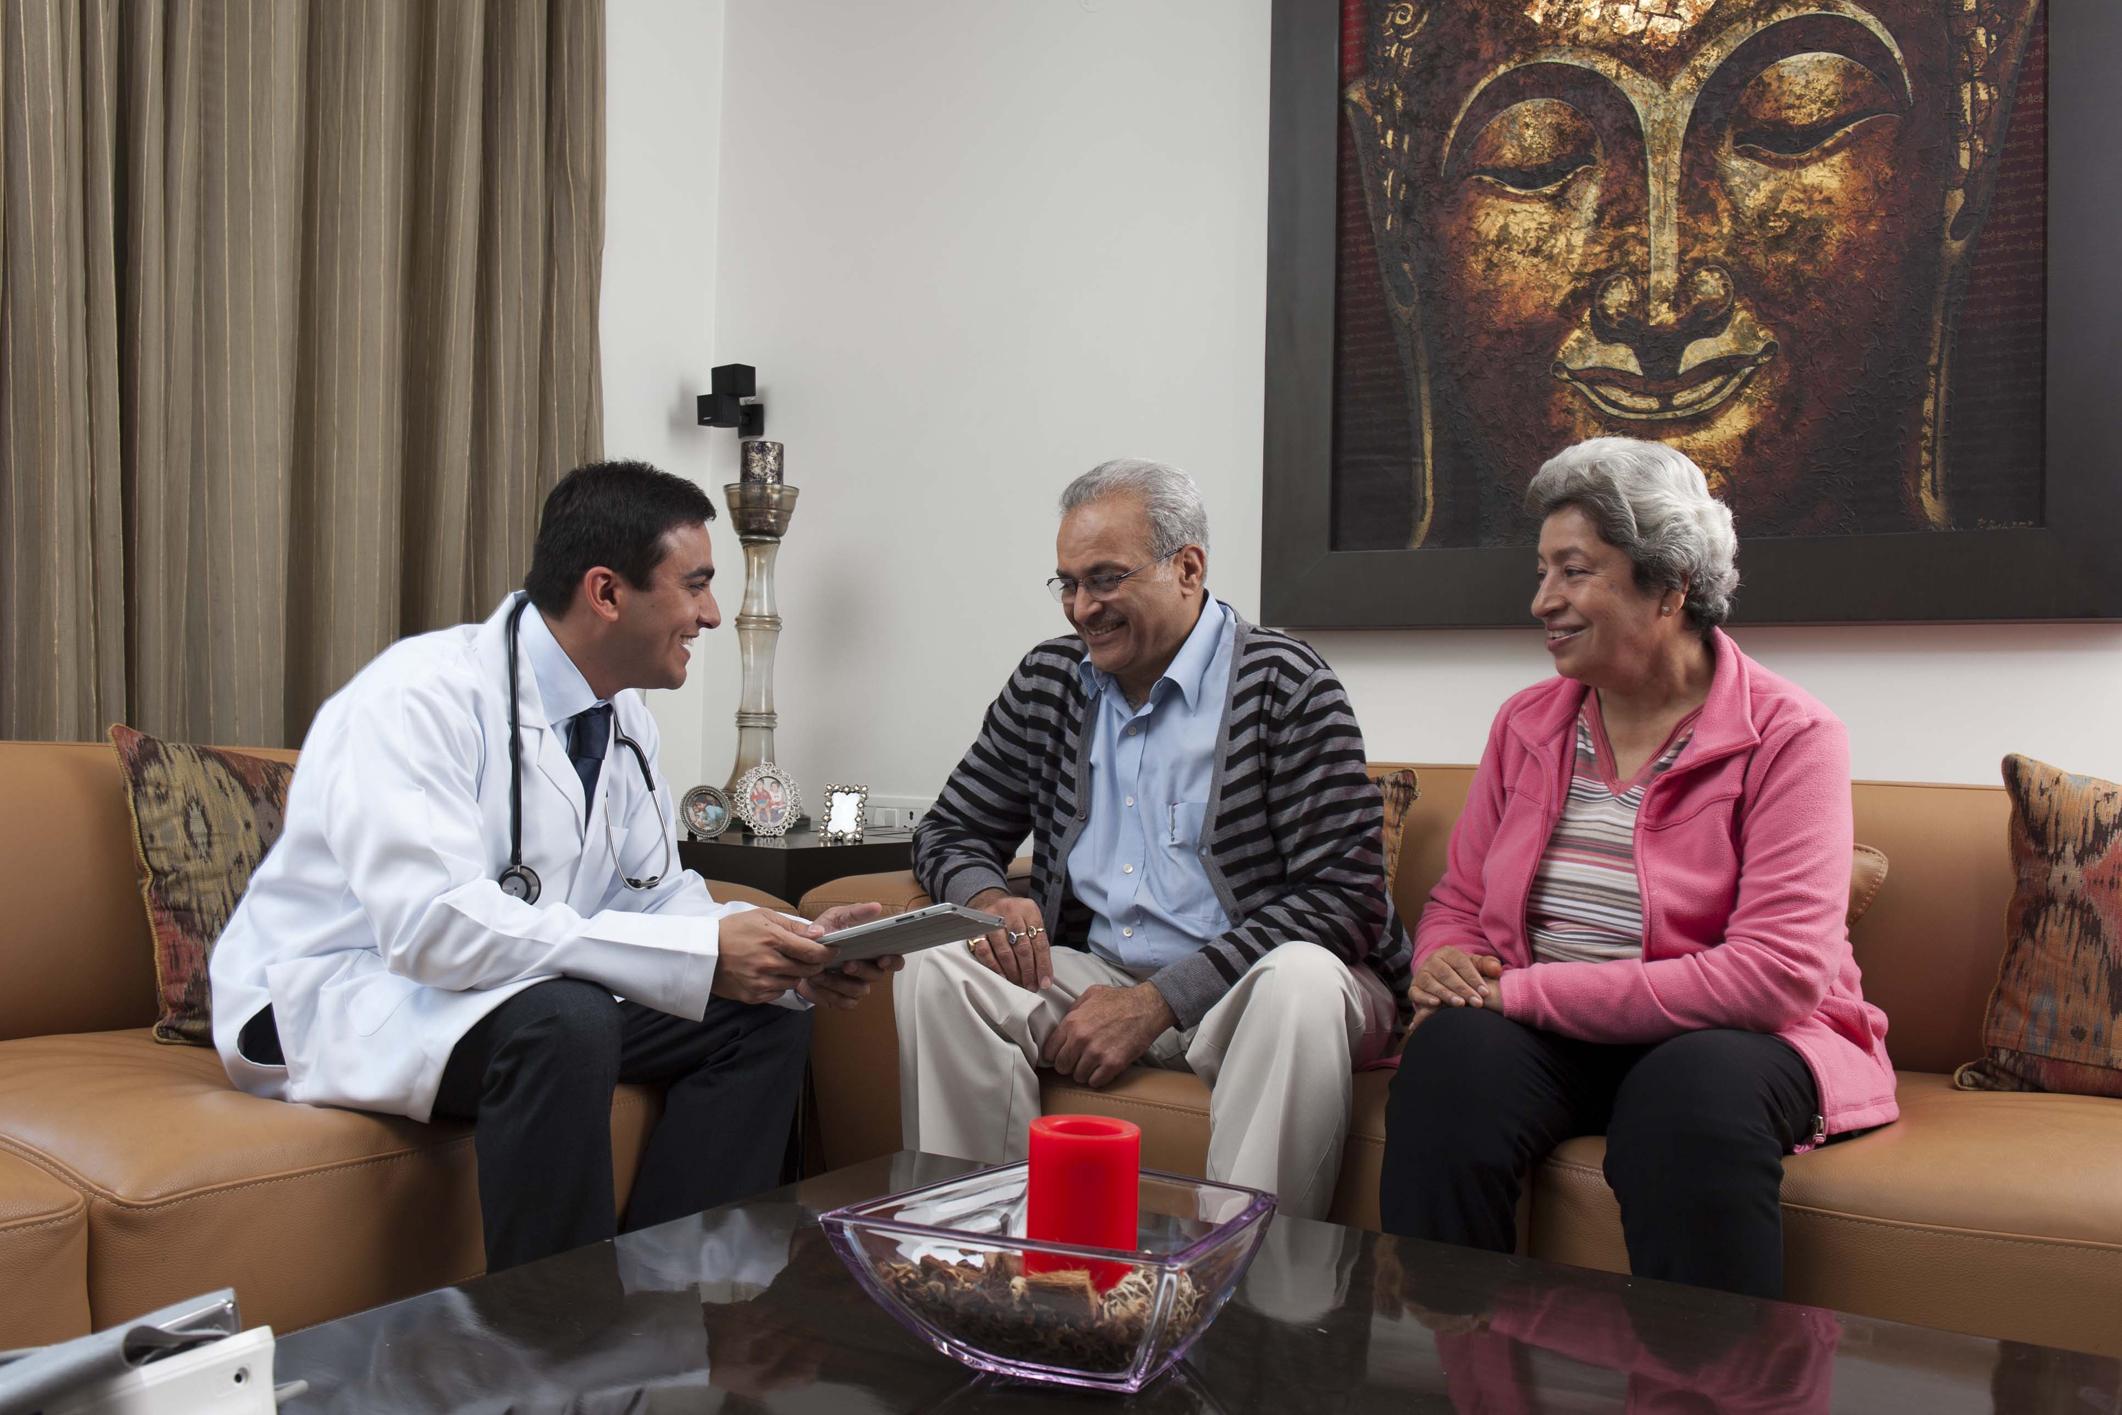 آیا تعرفه ویزیت پزشک عمومی در منزل با تعرفه ویزیت در درمانگاه تفاوت دارد؟